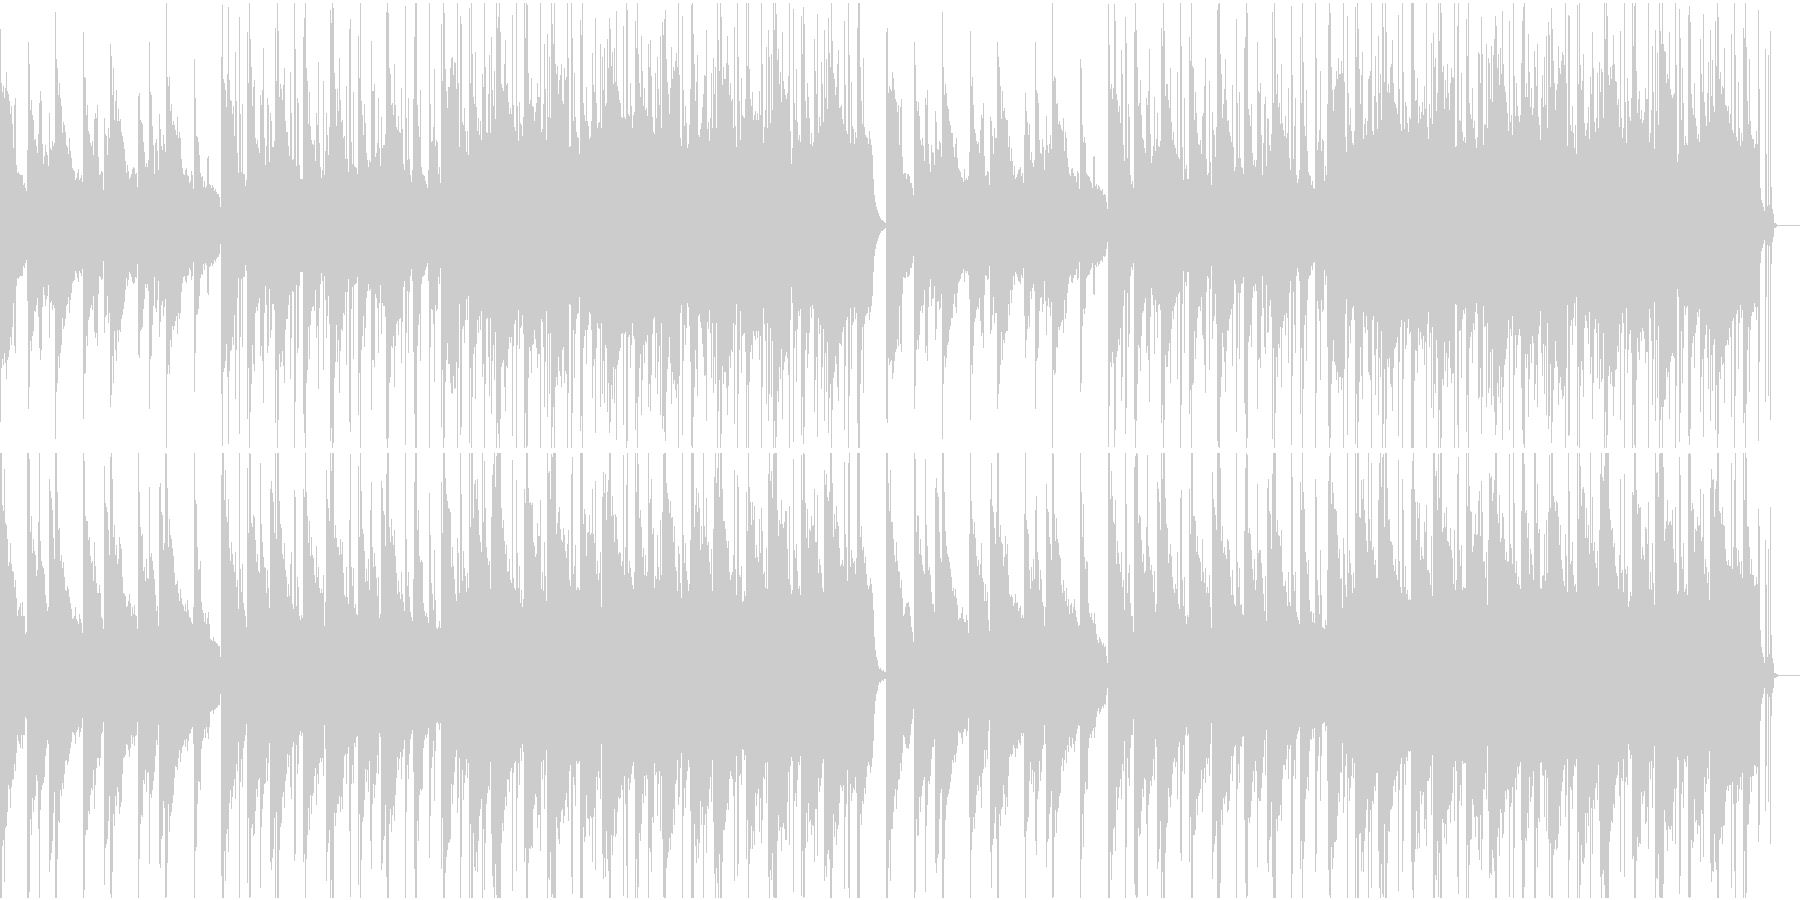 寂しげなピアノとストリングスのBGMの未再生の波形